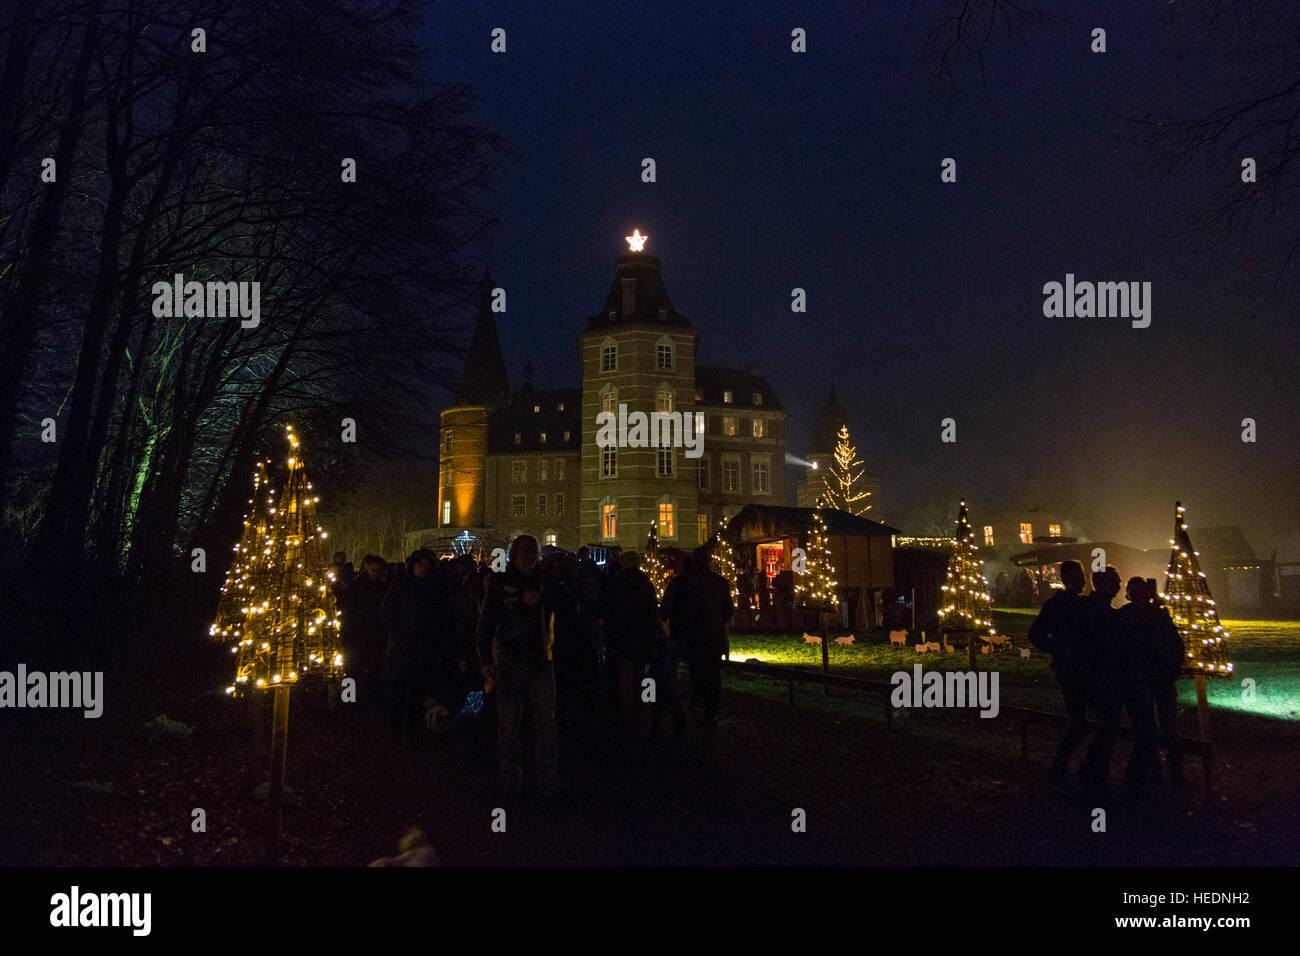 Weihnachtsmarkt Schloss Merode.Langerwehe Merode Nrw Deutschland 17 Dezember 2016 Tausende